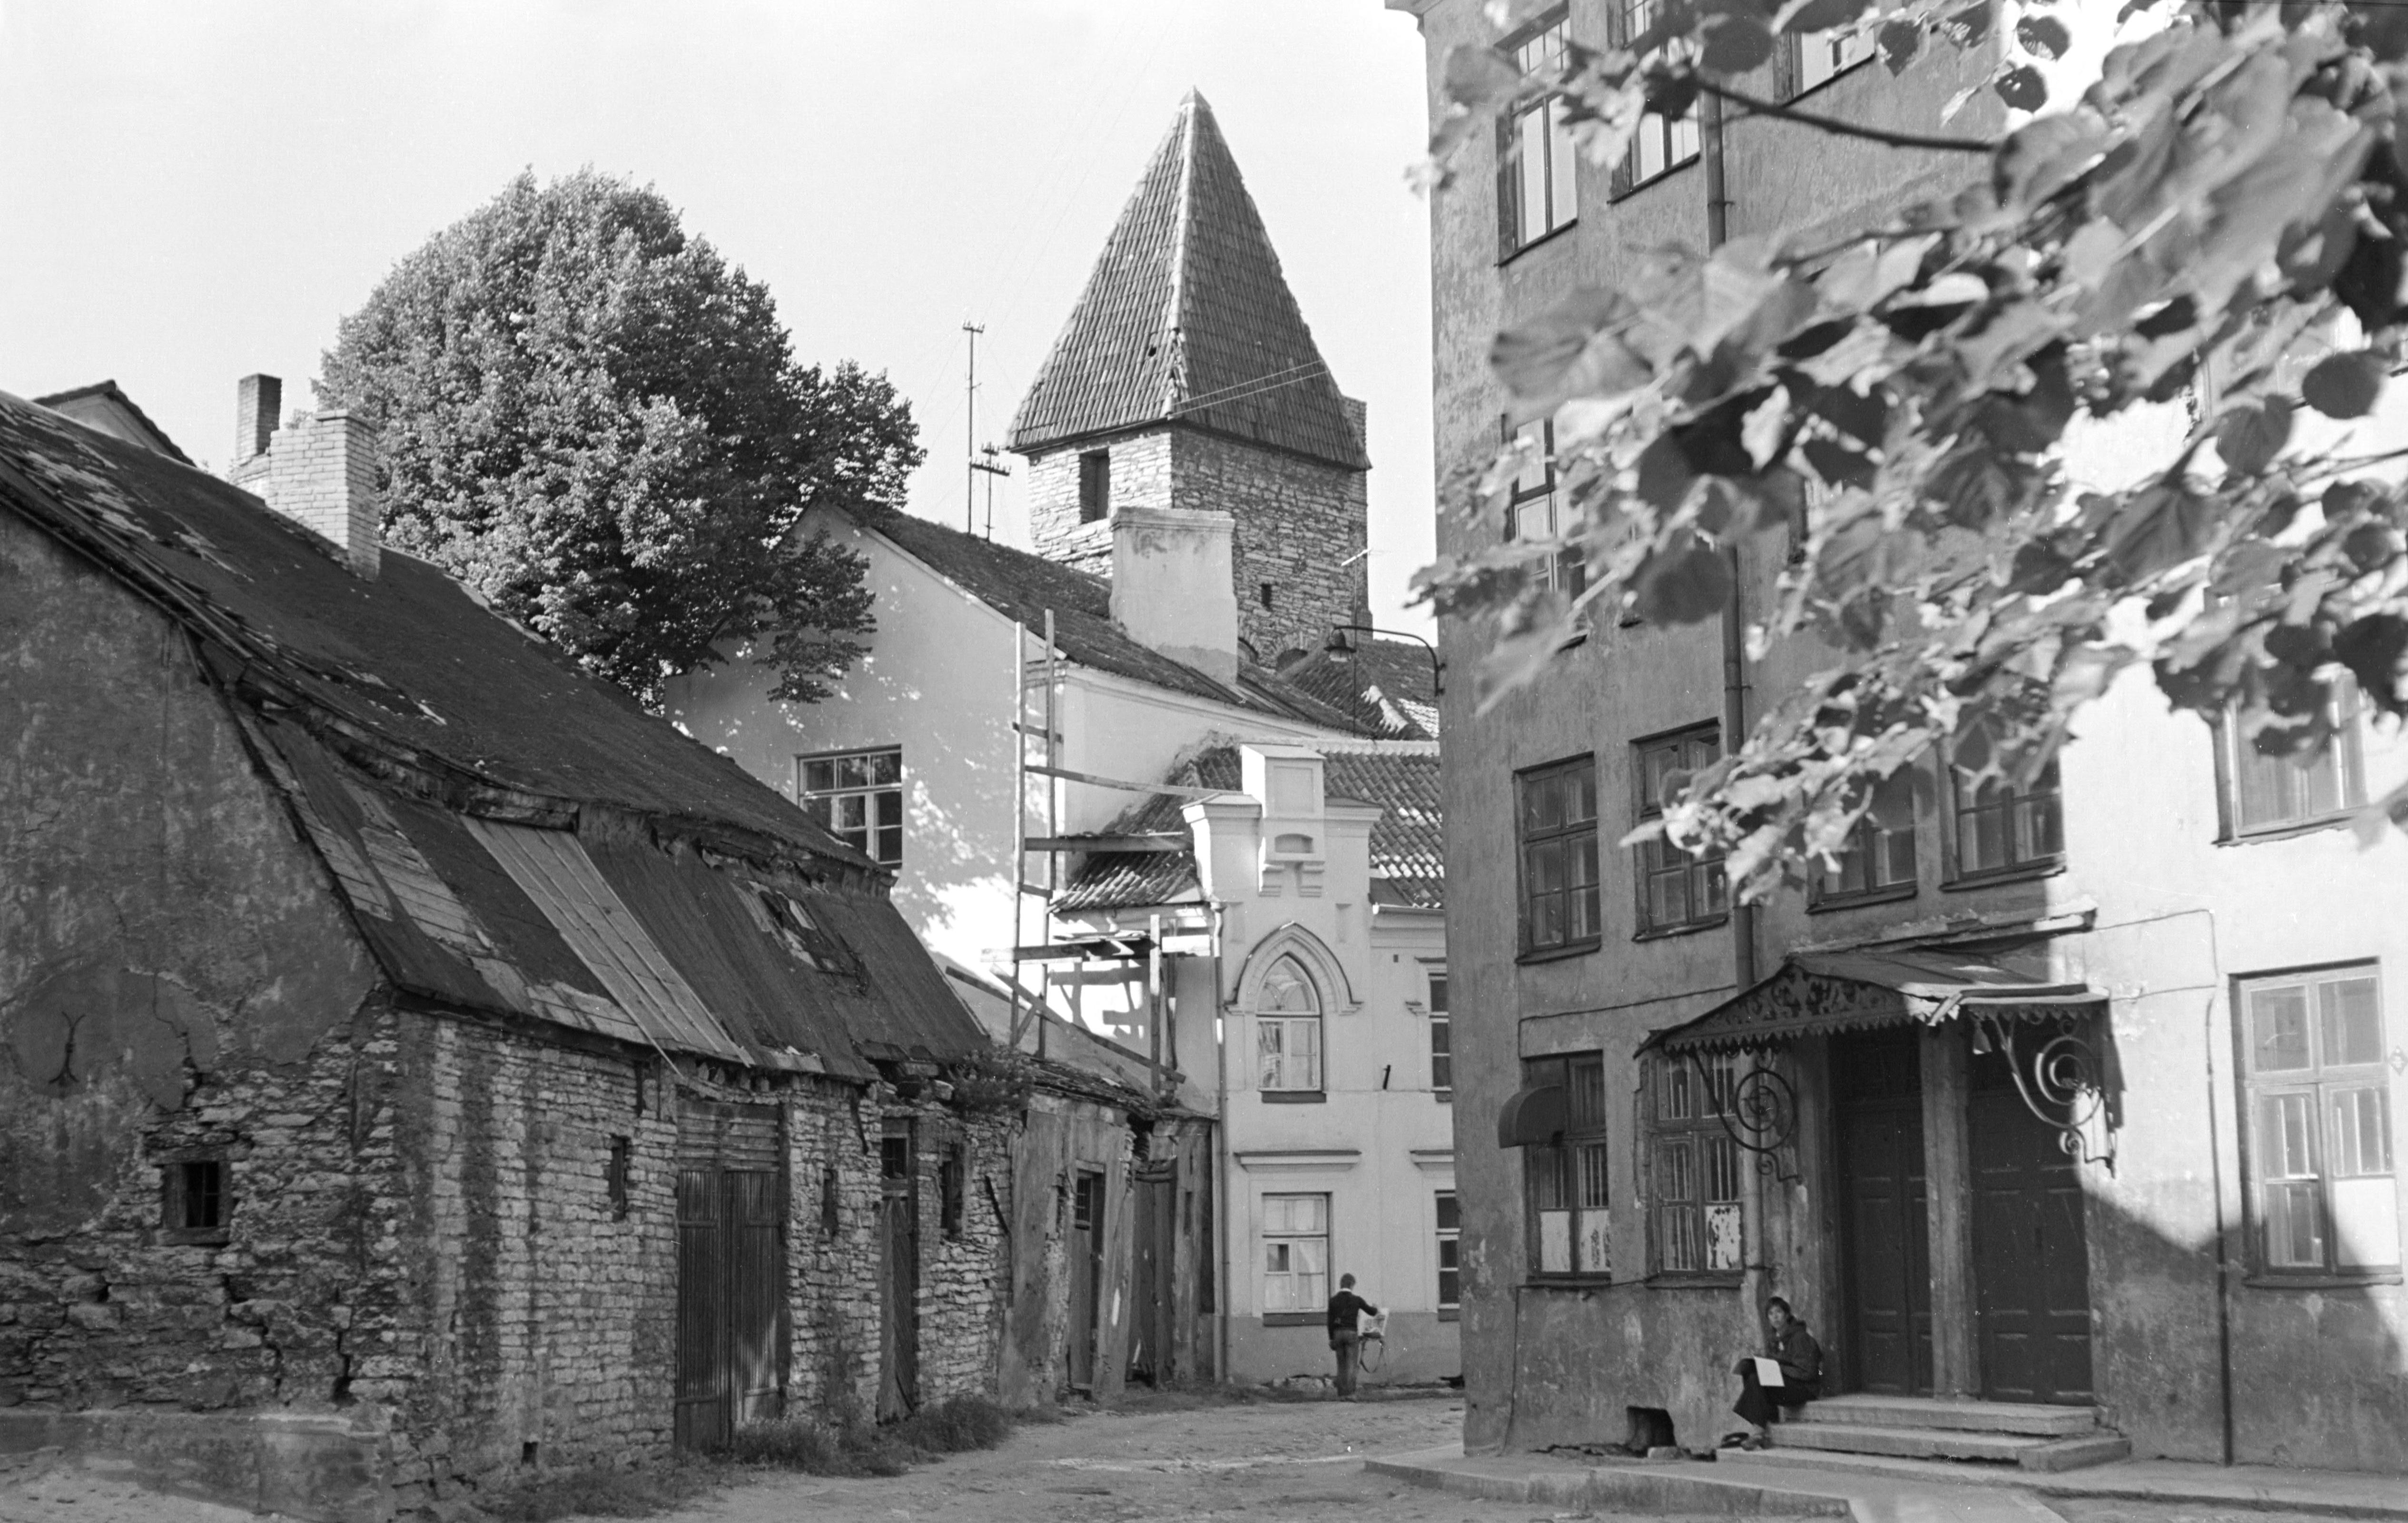 Таллин. Старый город.1.jpg